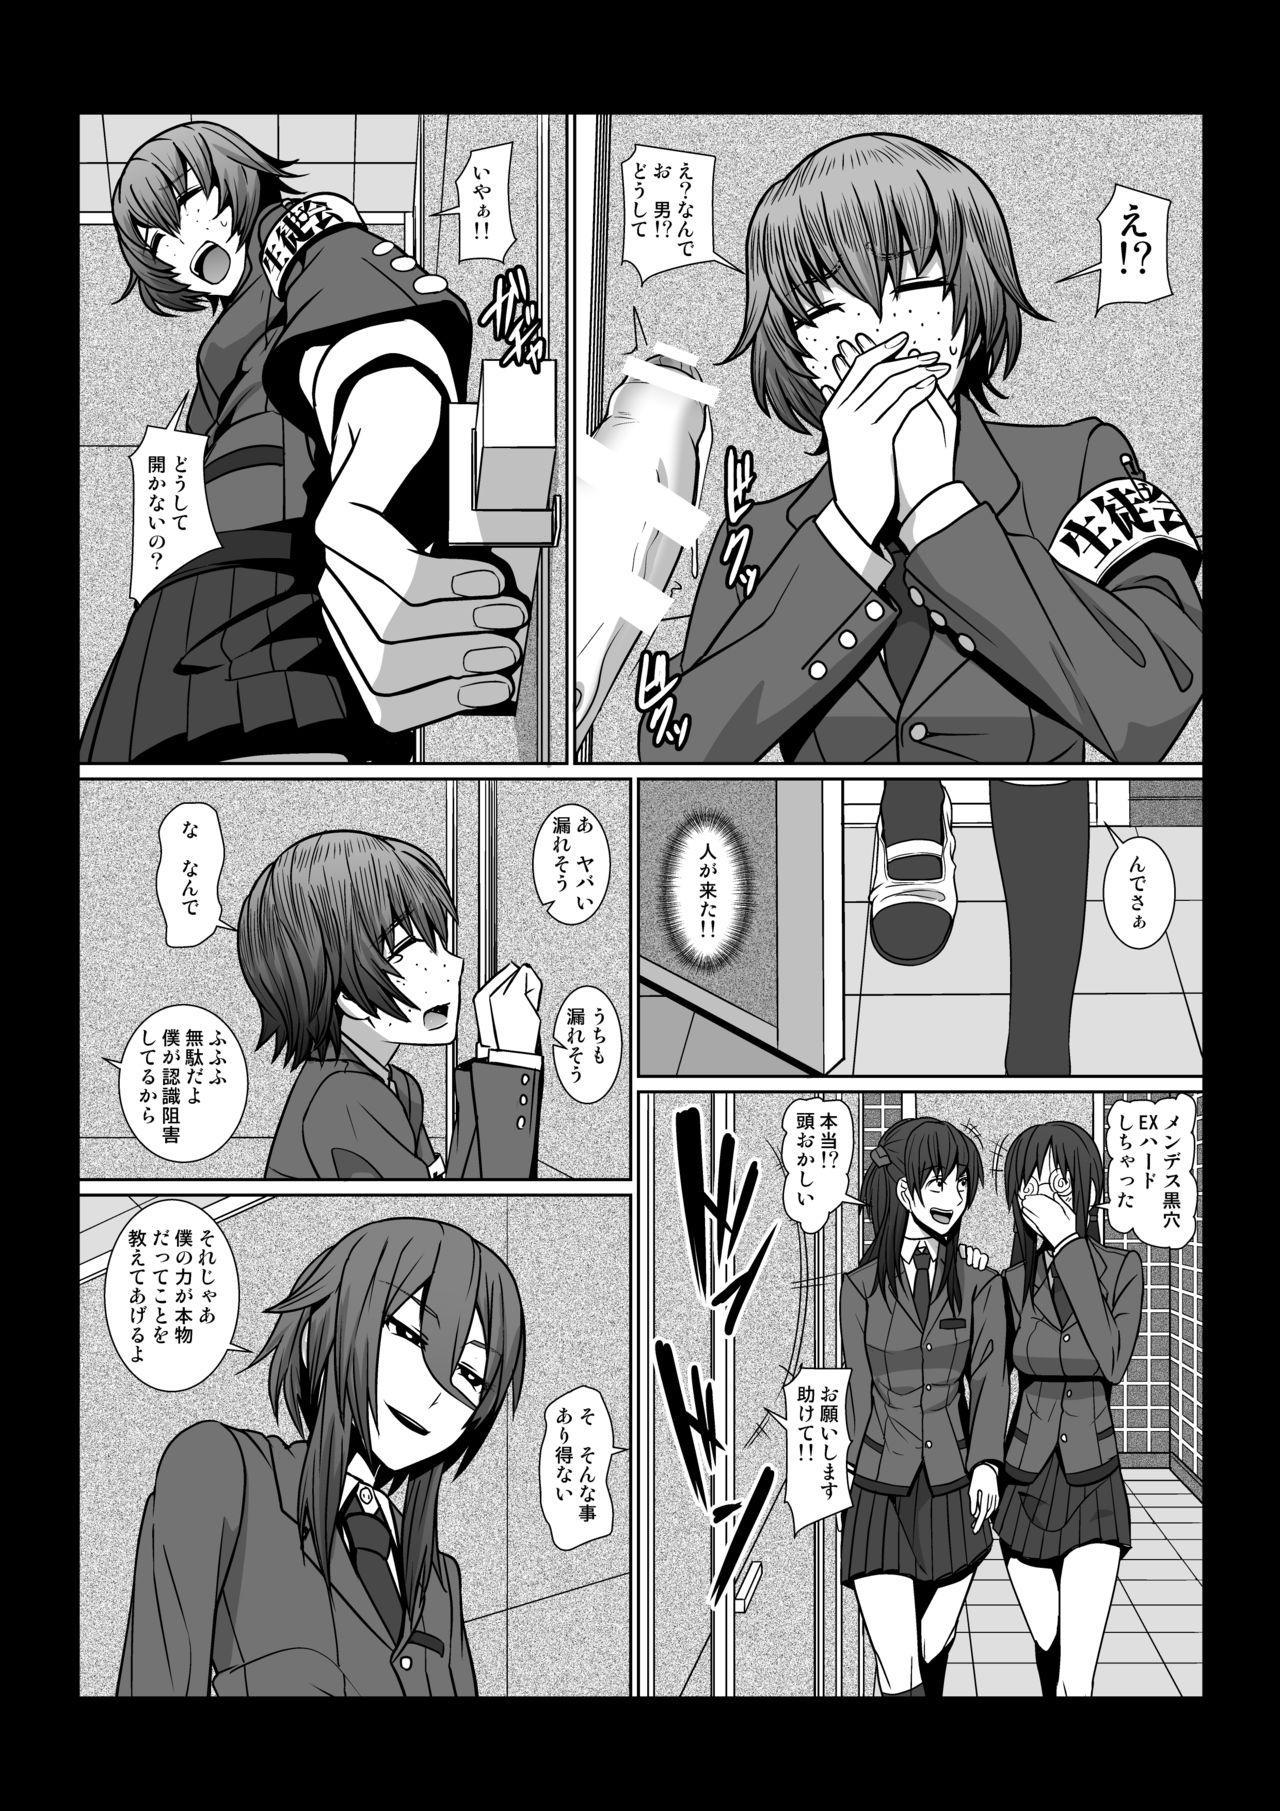 Boku no Chikara 5